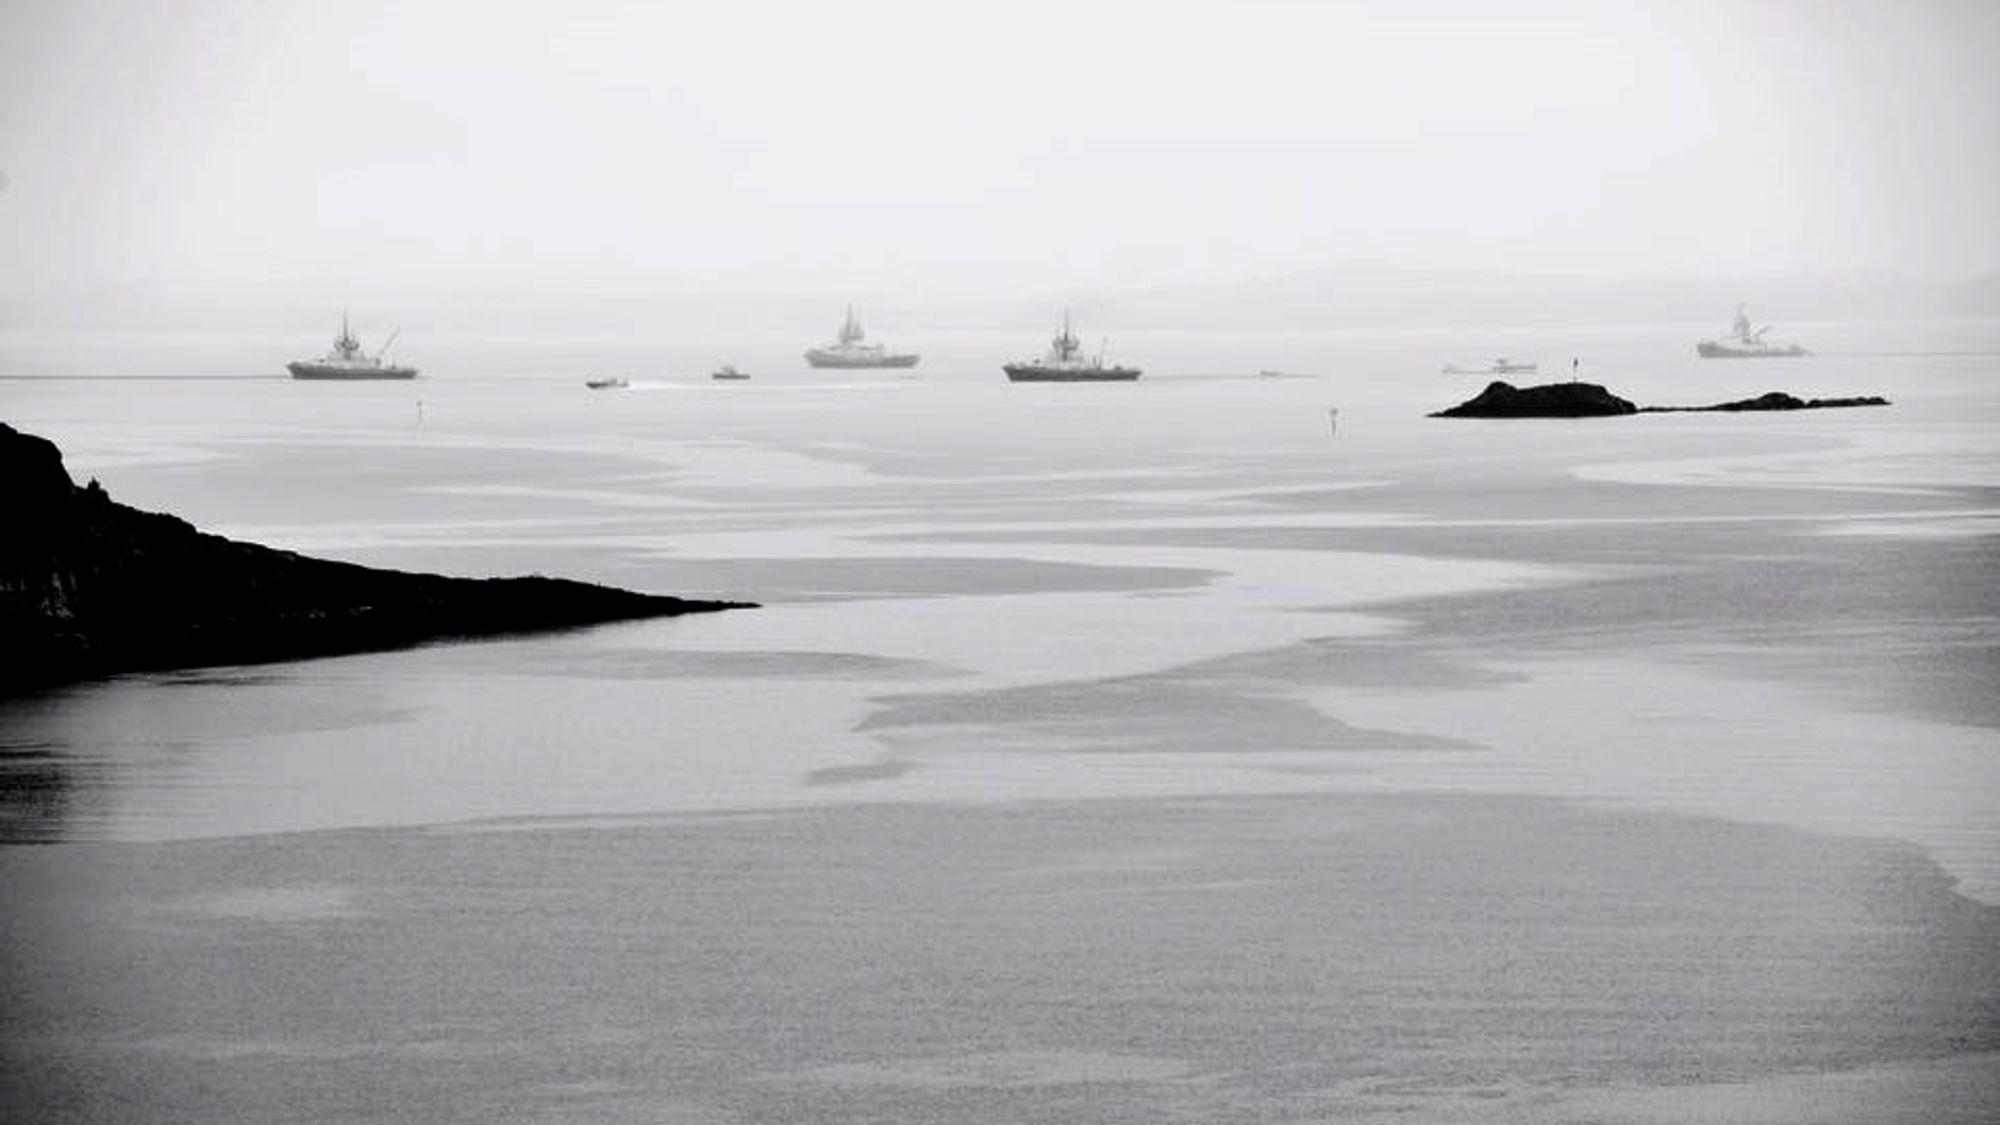 Øvelsen utenfor Langesund blir en av Europas største av sitt slag. Dette illustrasjonsfotoet er hentet fra en tidligere øvelse på Hjeltefjorden.